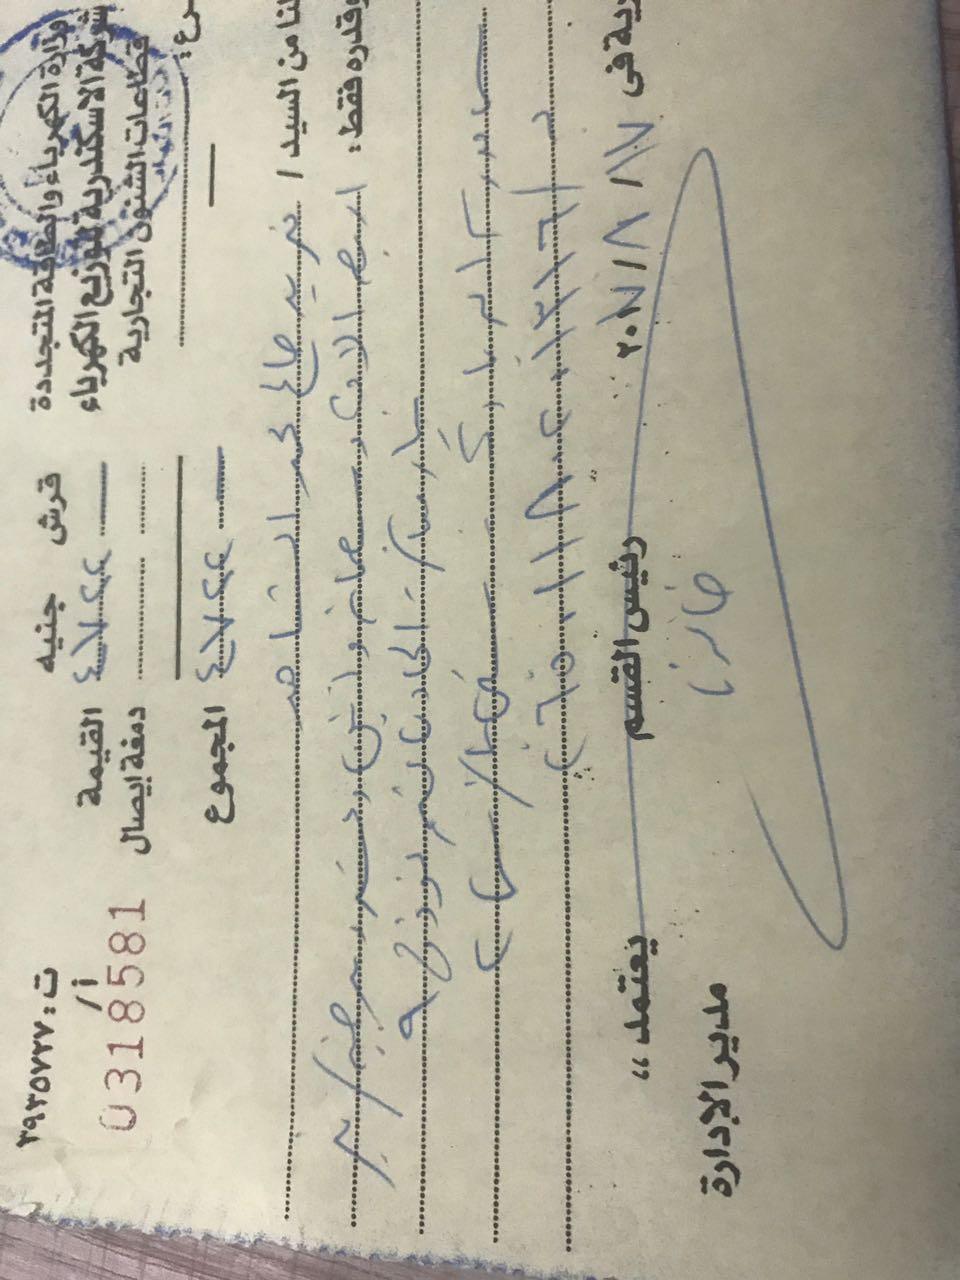 أزمة مشروع سيتي بالاس بالإسكندرية (94)